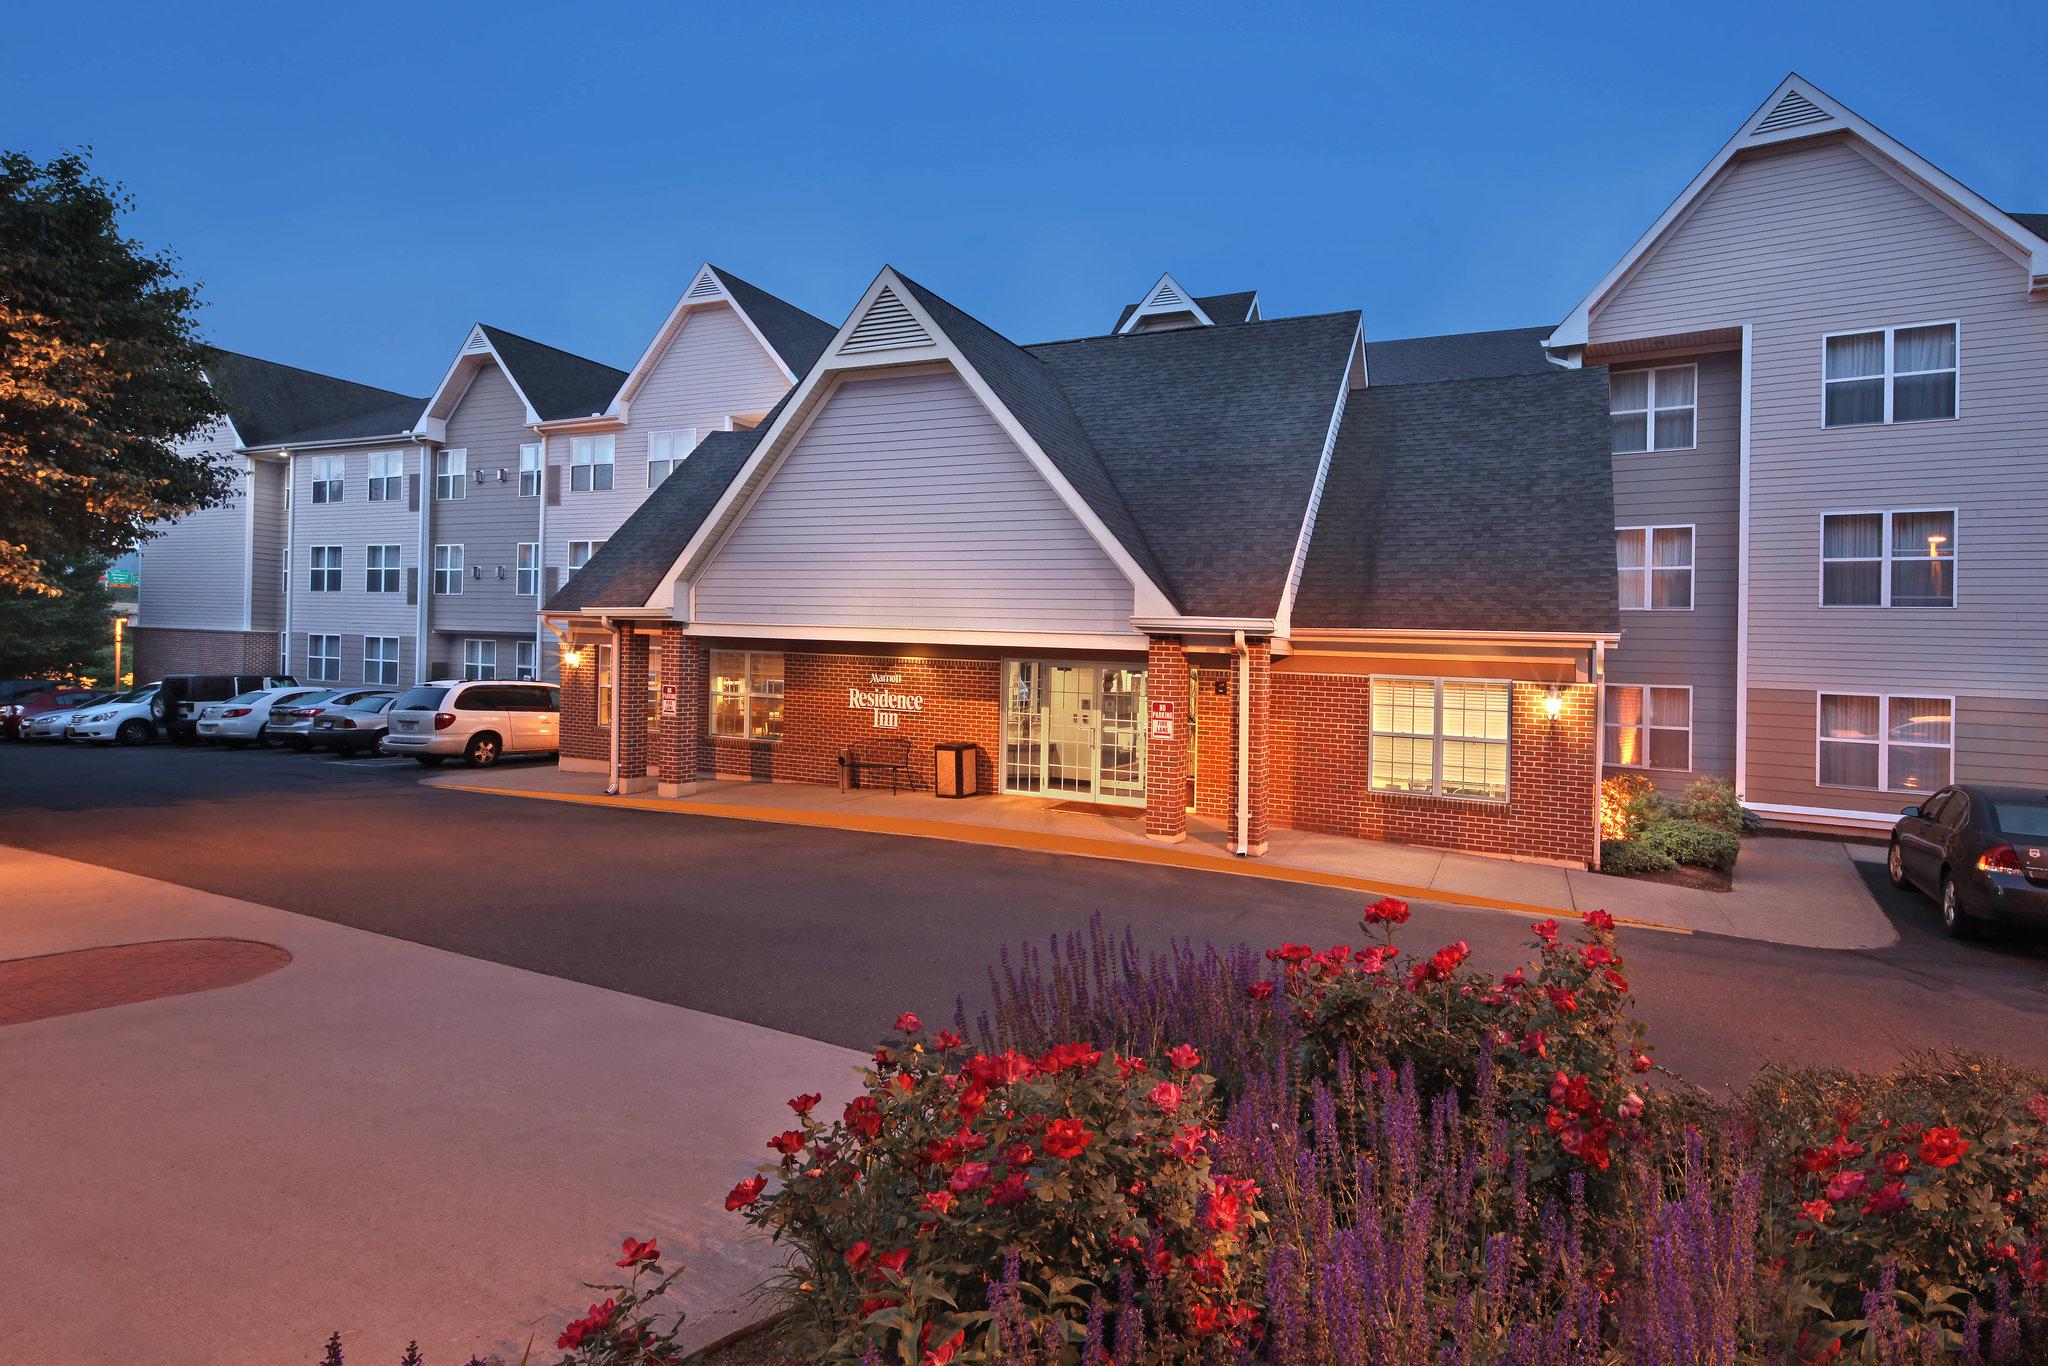 Residence Inn by Marriott Danbury